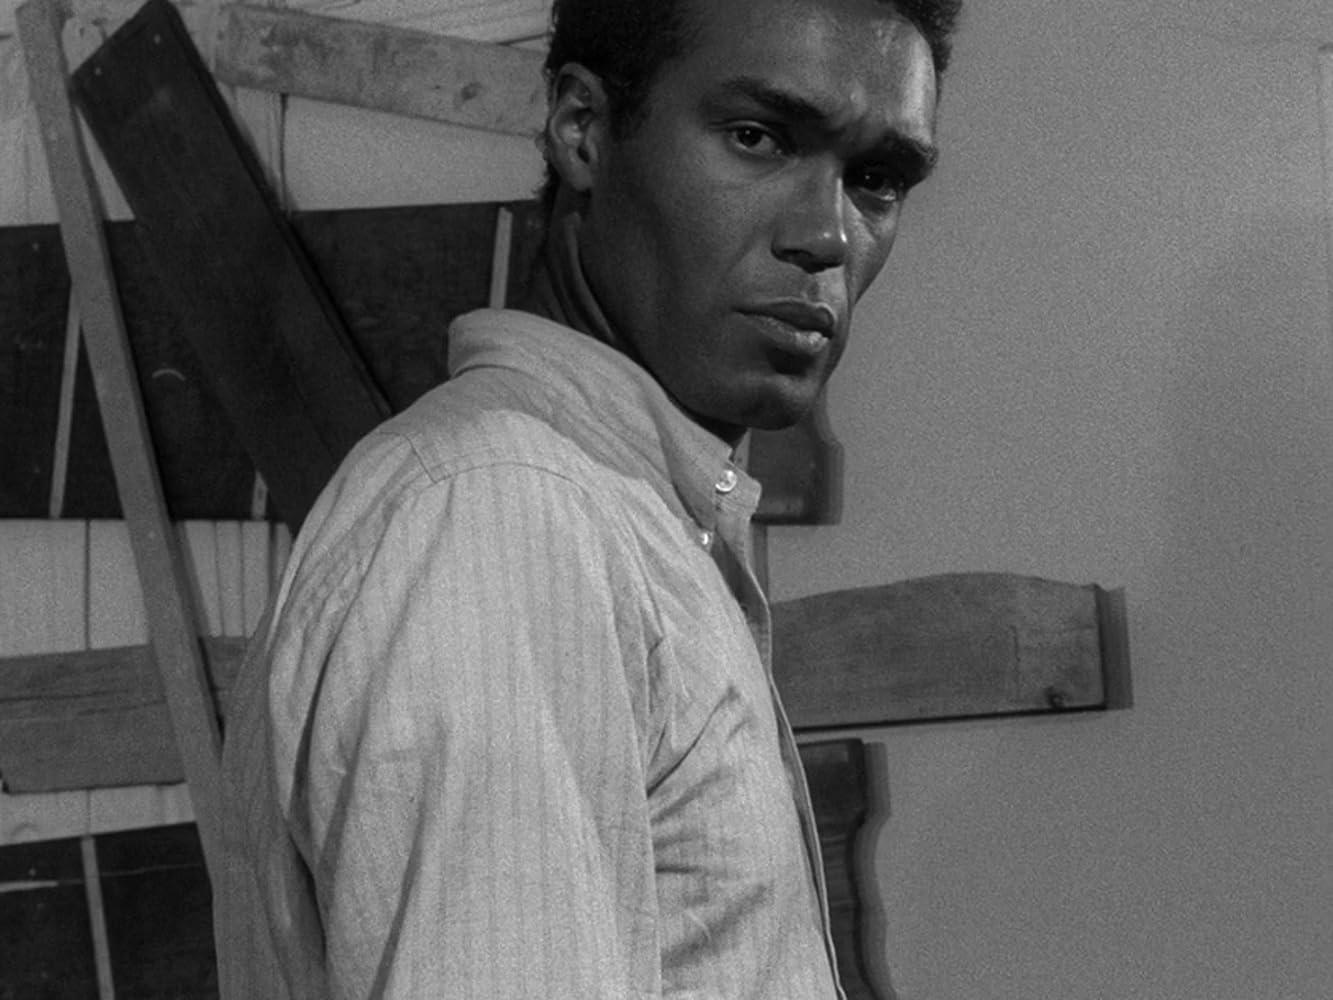 Duane Jones in Night of the Living Dead (1968)